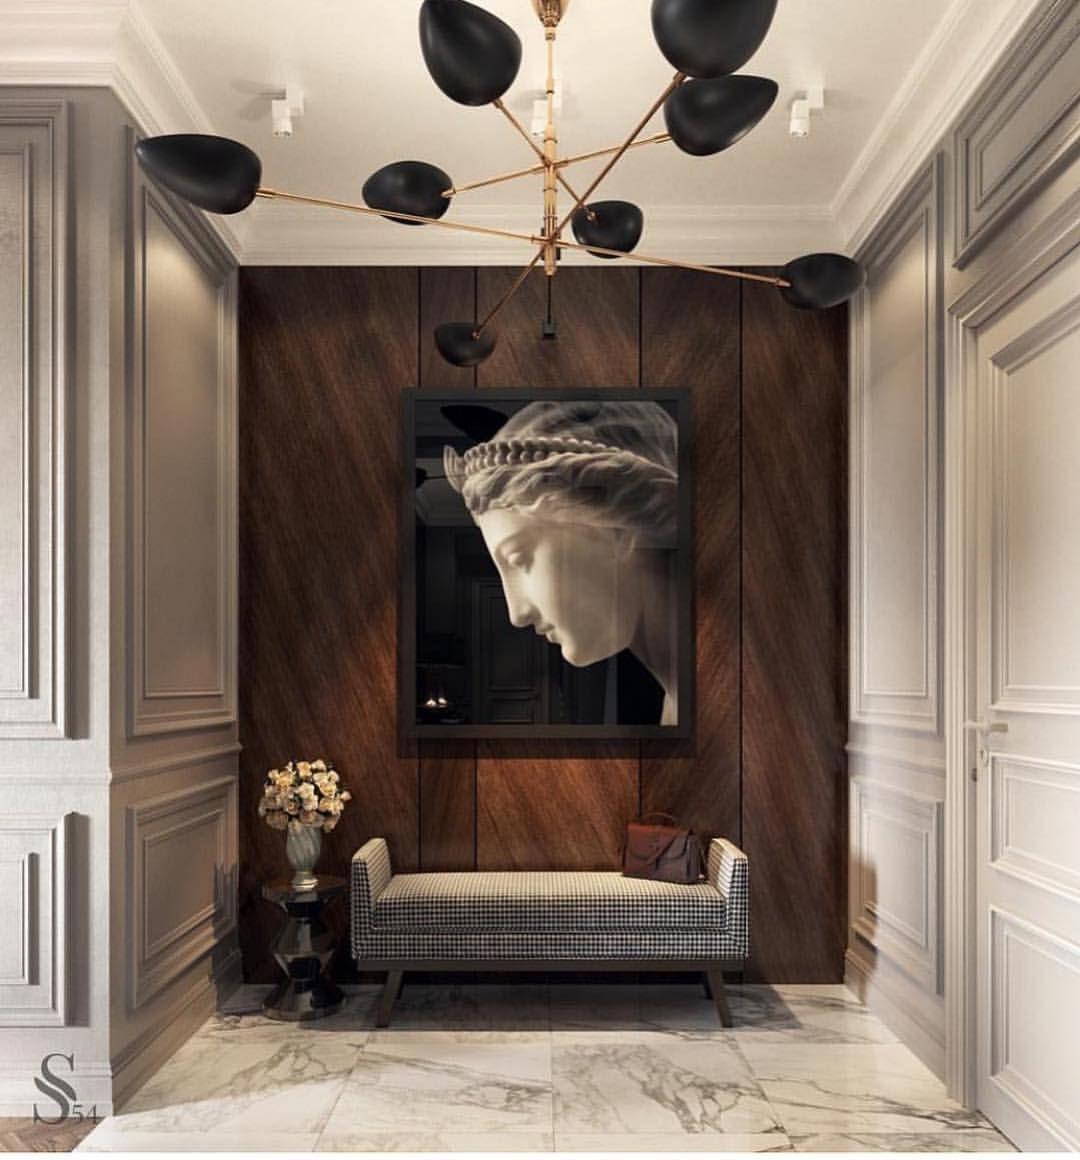 Hallway love. @studia_54 • • • • • • • #interior #interiordesign #architecture #interiorinspo #interiorinspiration #interiors #interieur… #picturewallideas